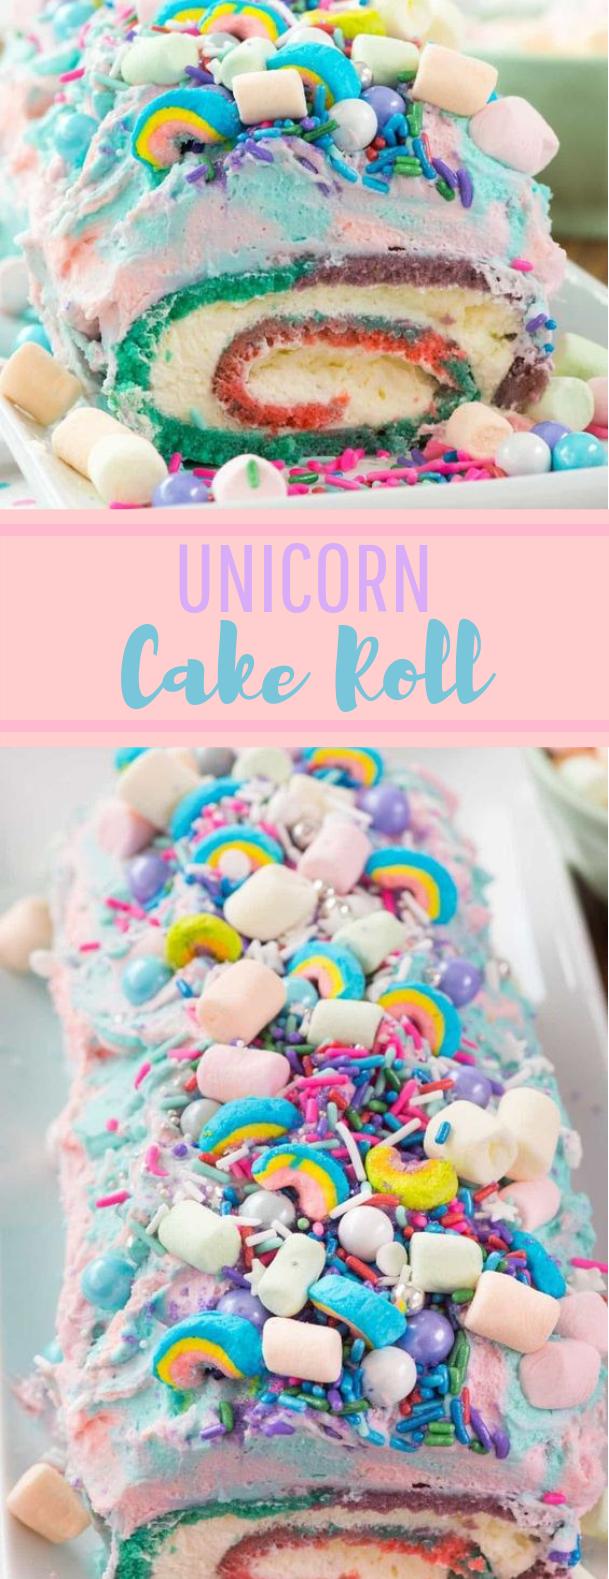 Unicorn Cake Roll #cake #desserts